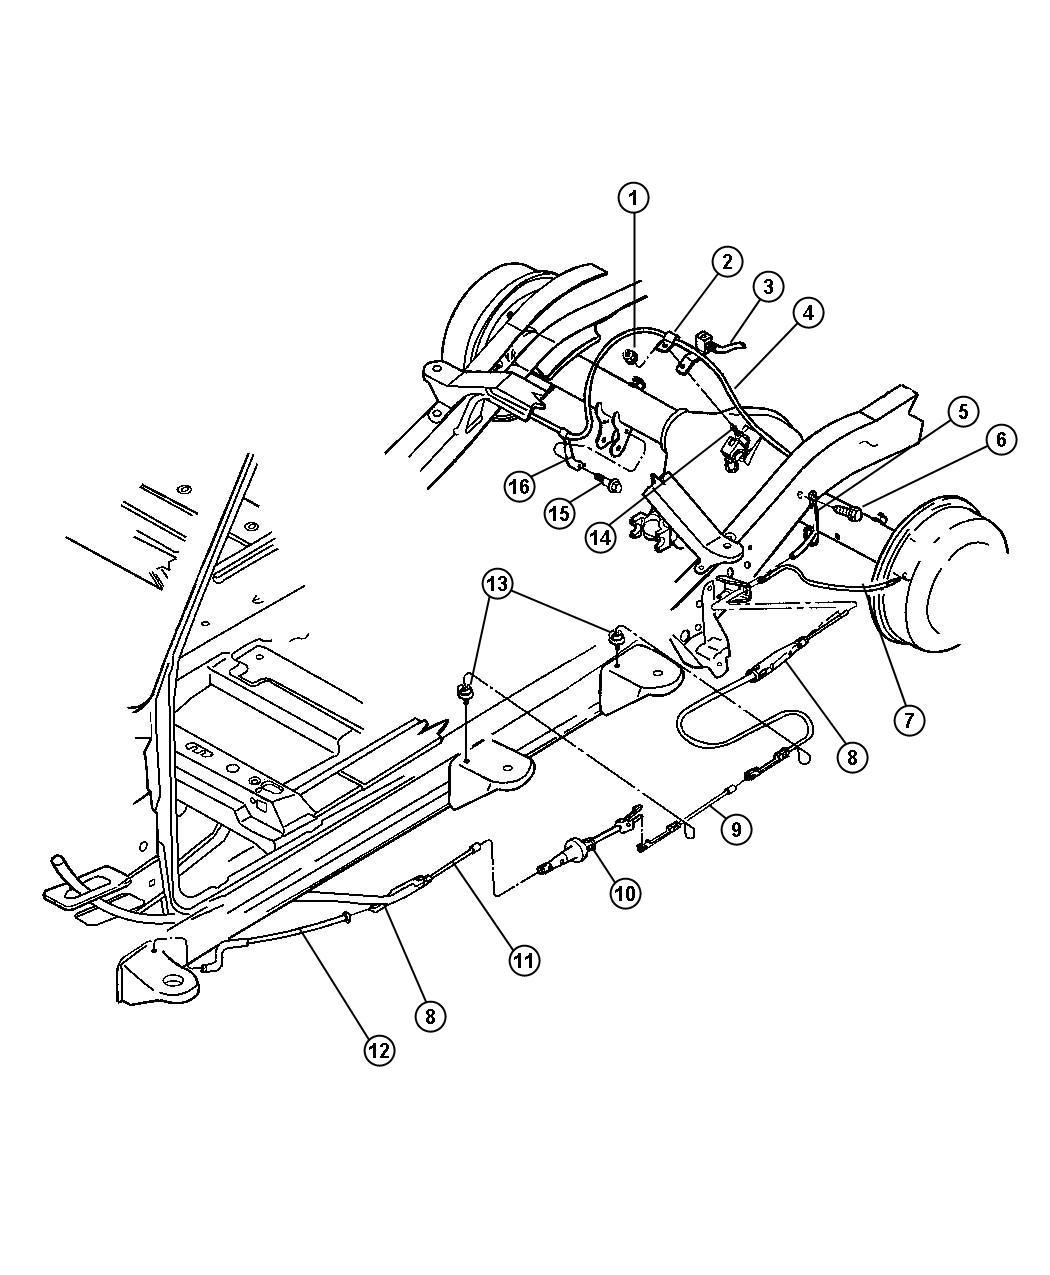 Dodge Tensioner Parking Brake Cable